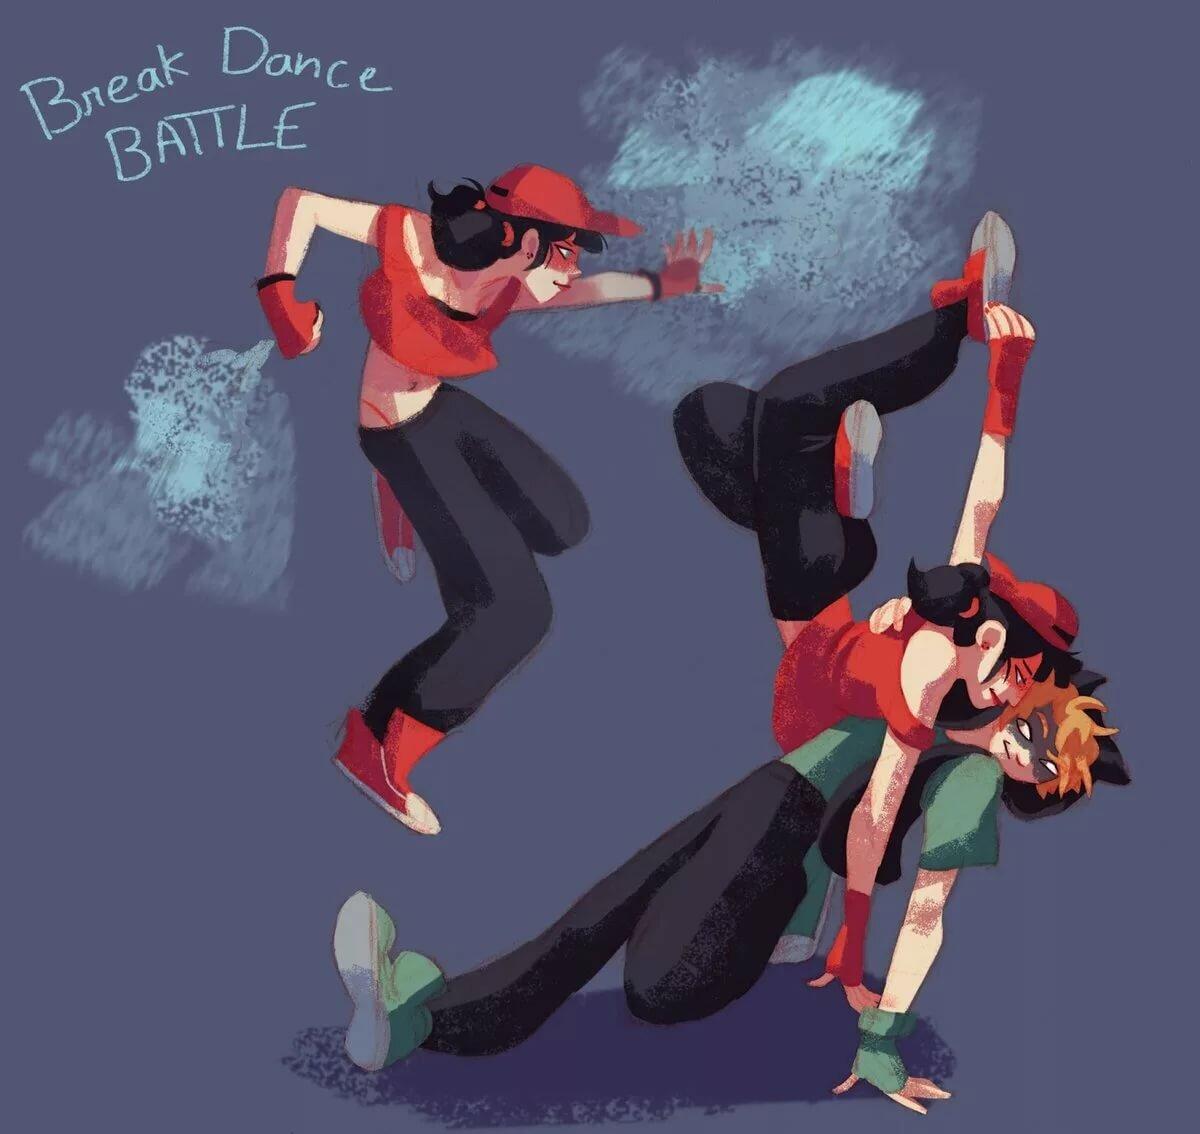 Картинки леди баг и супер кот танцы хип-хоп